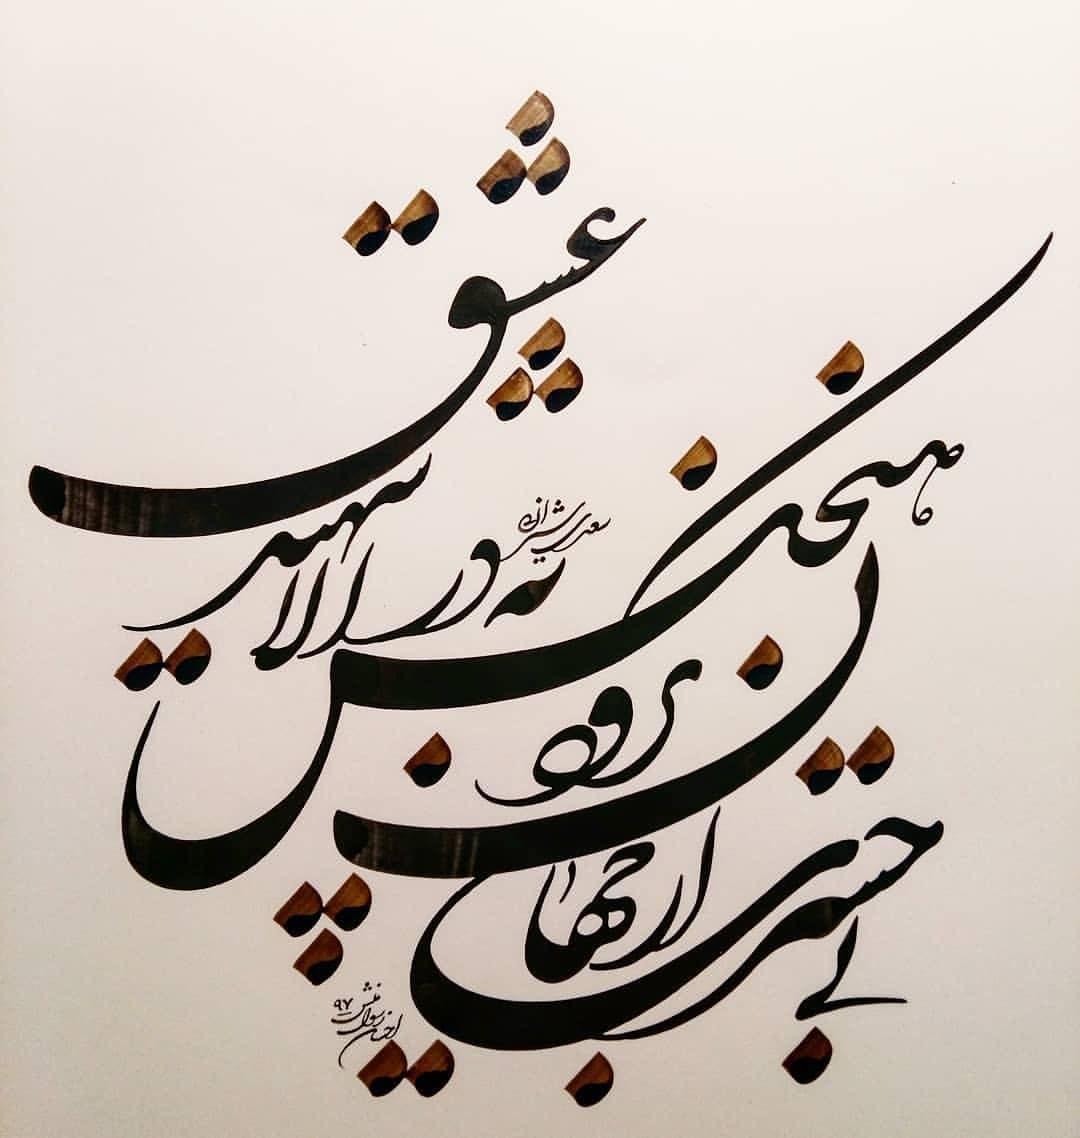 سعدی سعدی جان بی حسرت از جهان نرود هیچکس به در الا شهید عشق Calligraph Islamic Art Calligraphy Calligraphy Art Print Persian Art Painting